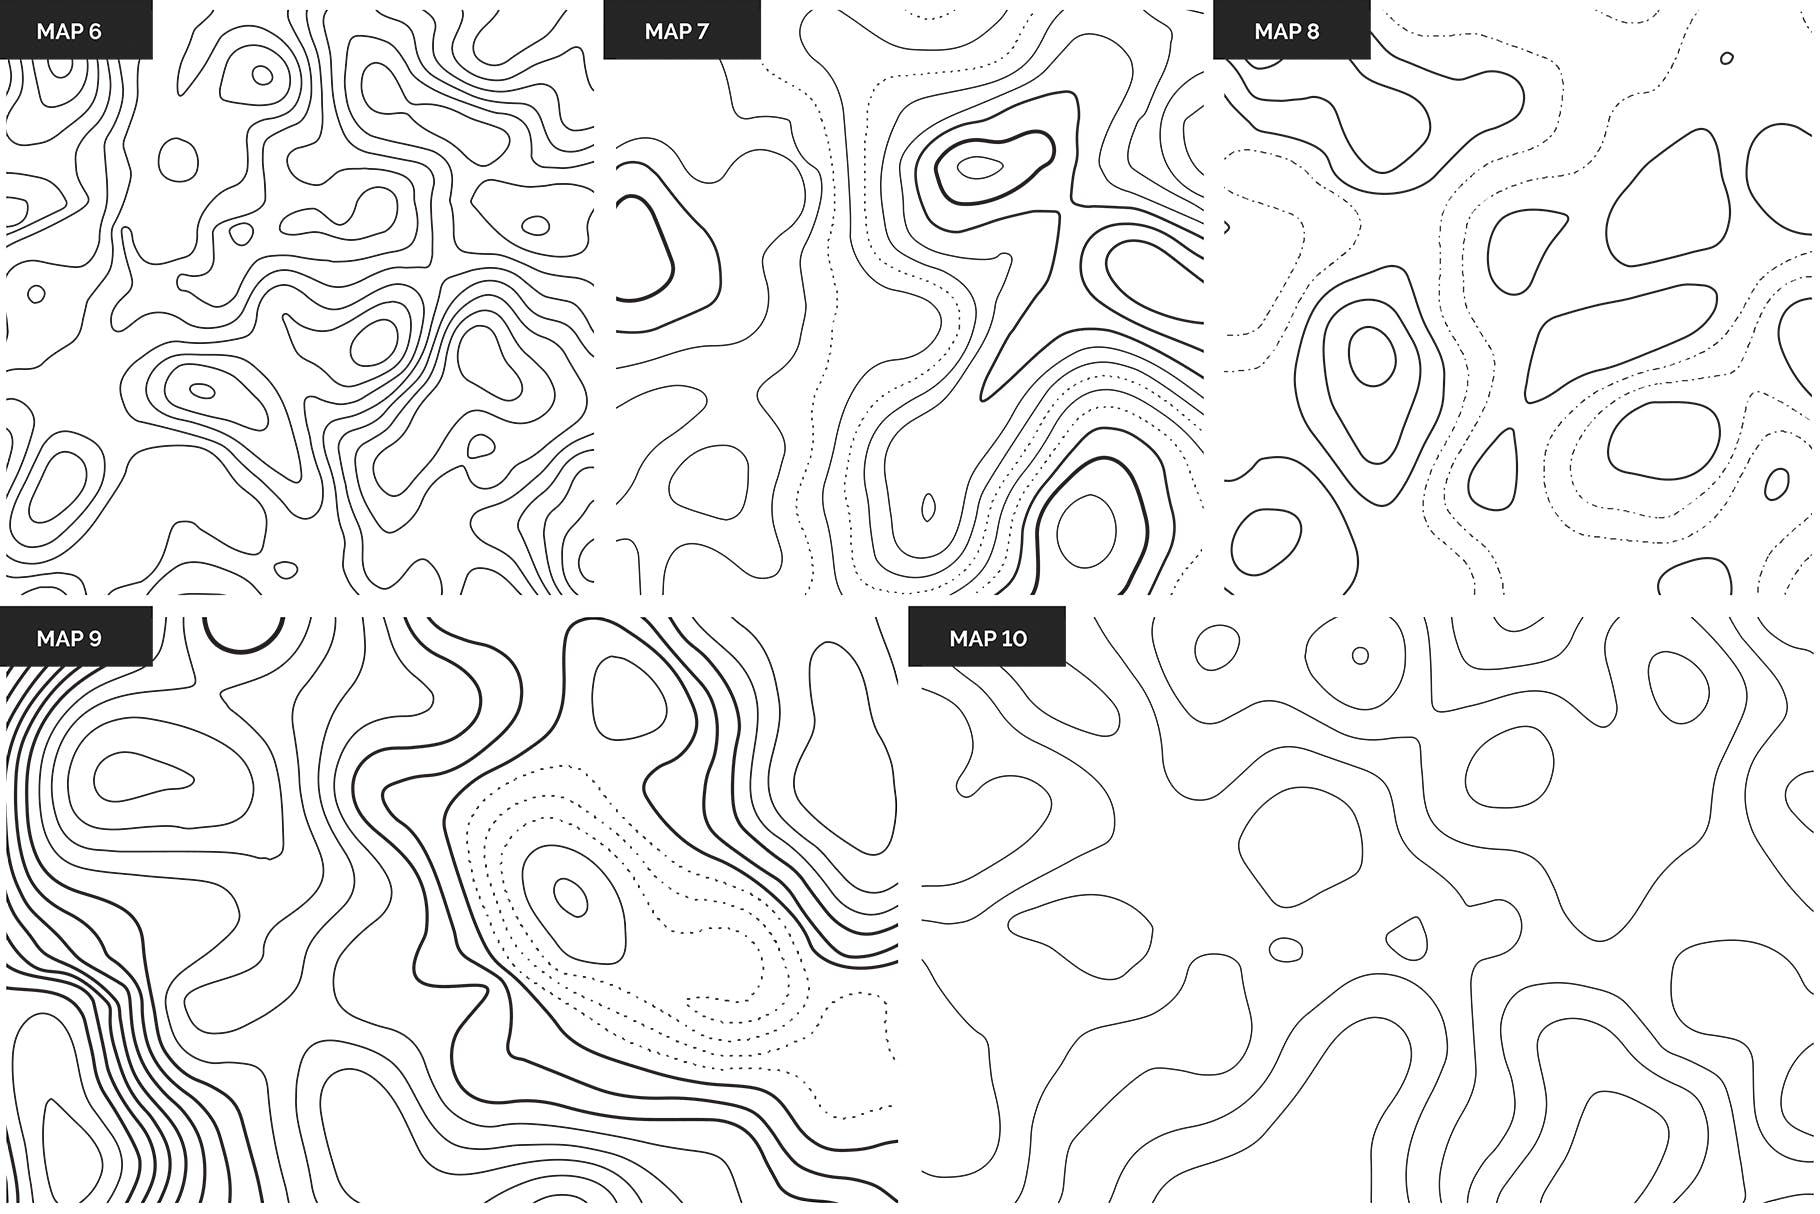 地理纹理地形图盆地素材Topographic Maps Patterns插图(10)